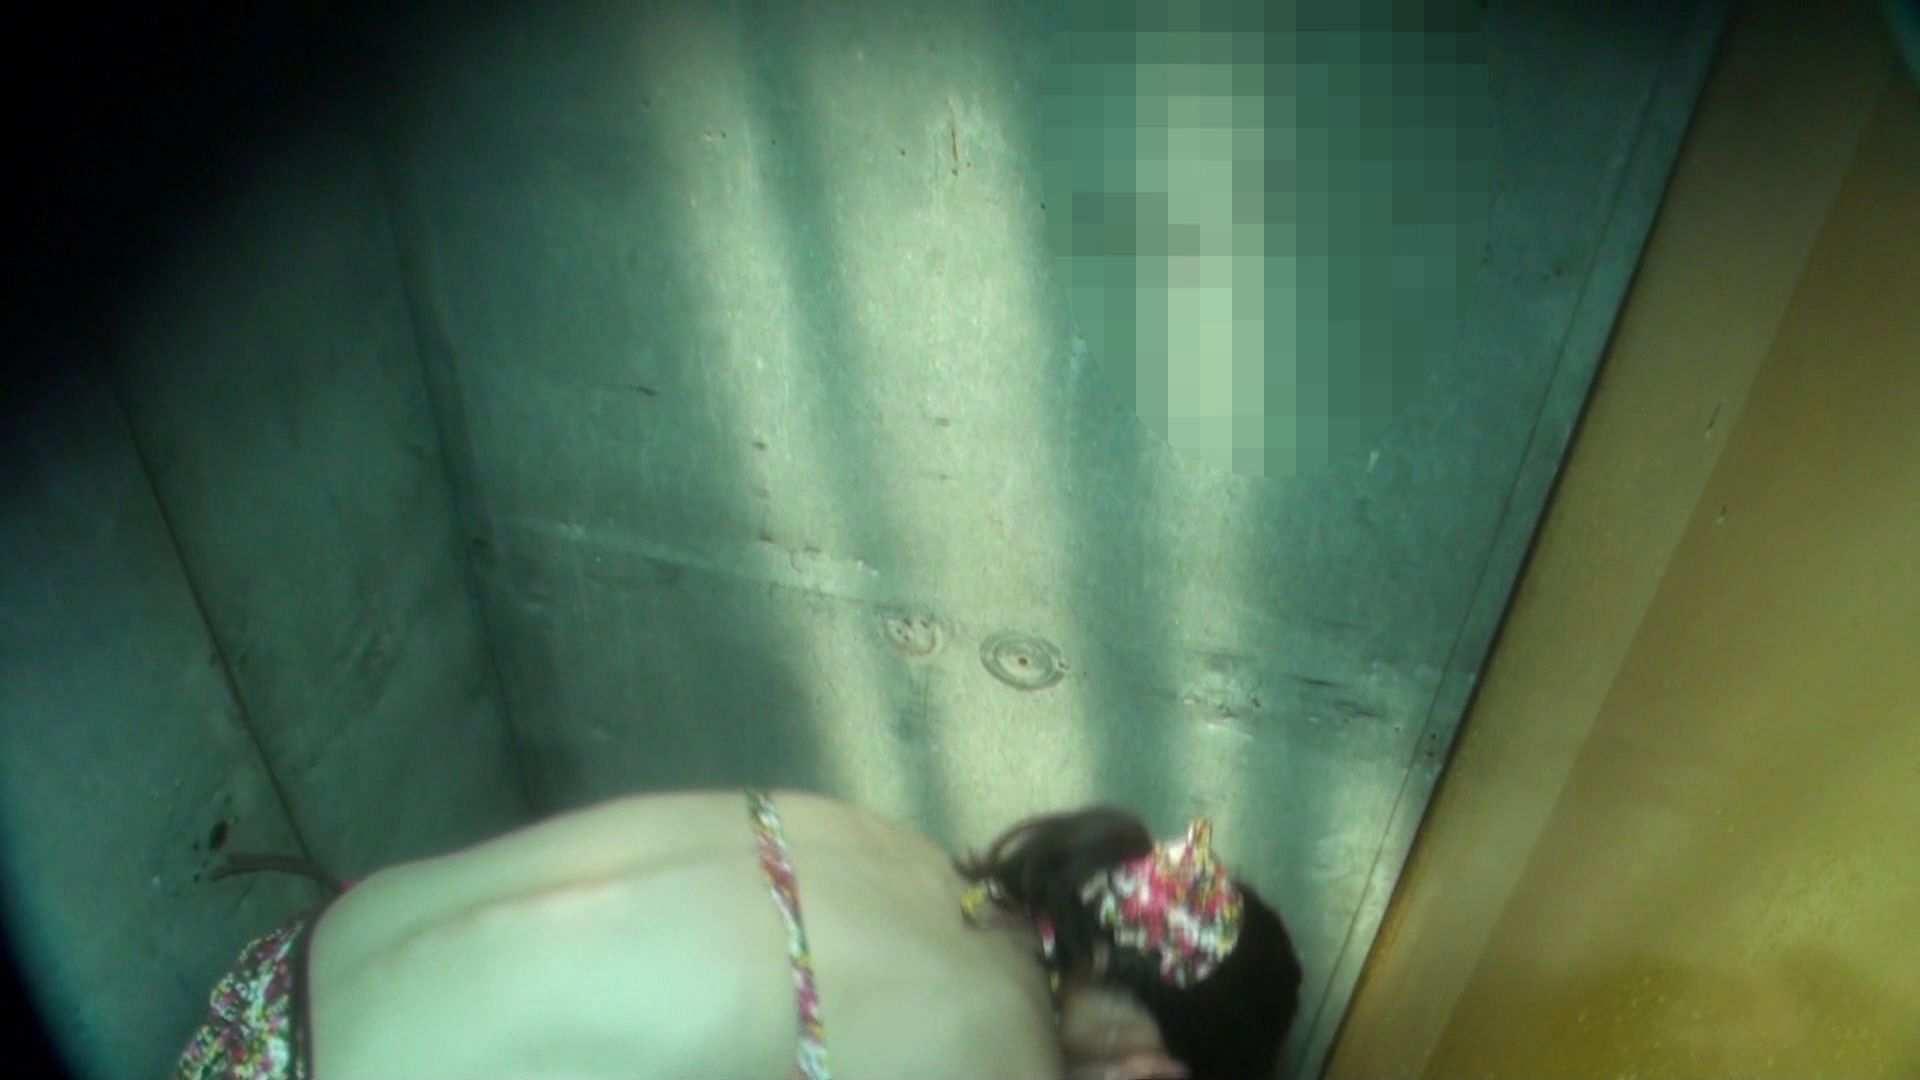 シャワールームは超!!危険な香りVol.16 意外に乳首は年増のそれ シャワー おめこ無修正動画無料 108画像 7